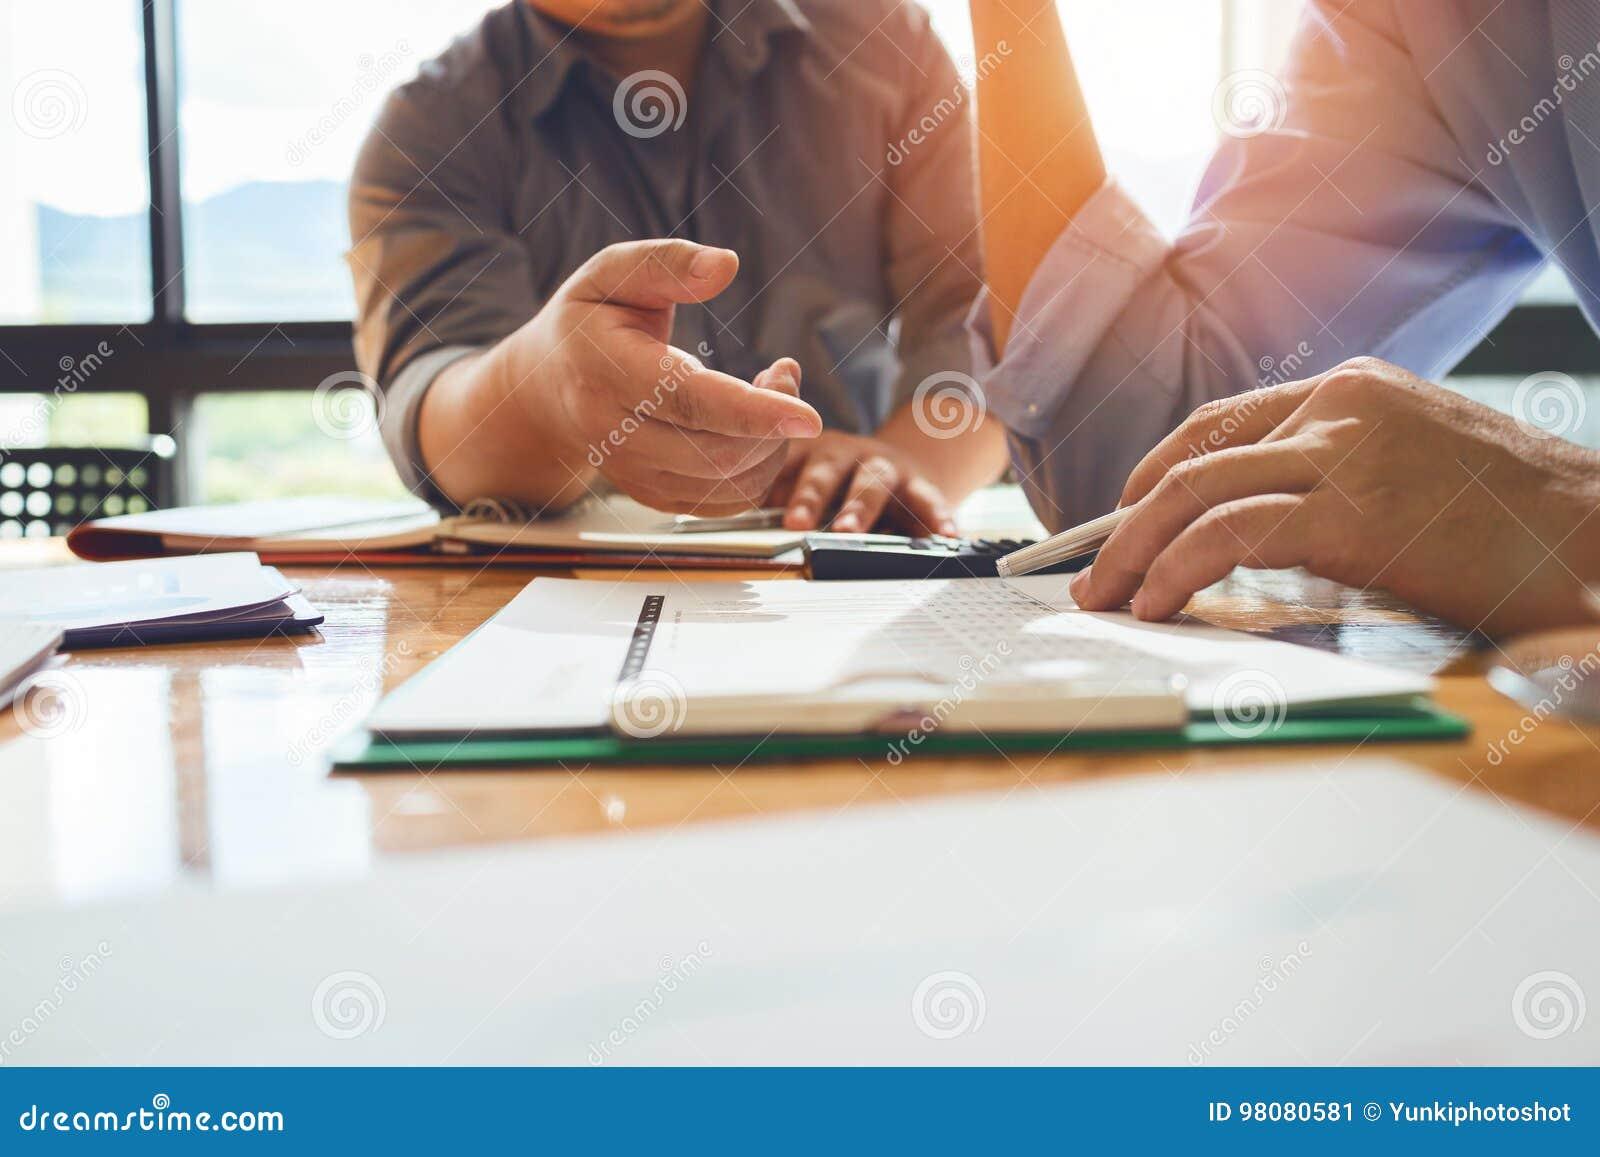 企业同事见面确定他们的责任求和